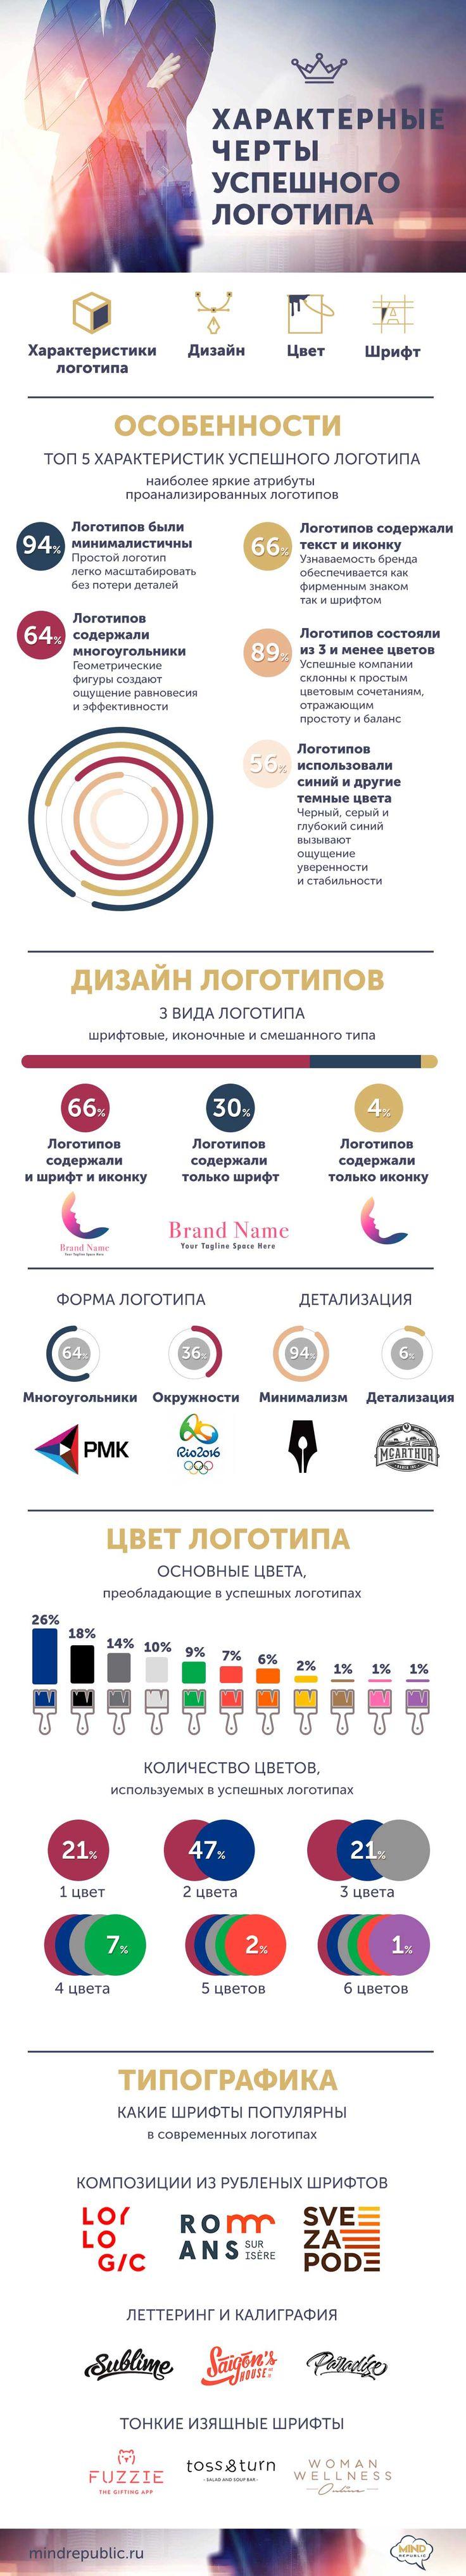 Дизайн логотипа. Как определить успешность логотипа. Инфографика. Infographics about successful logos